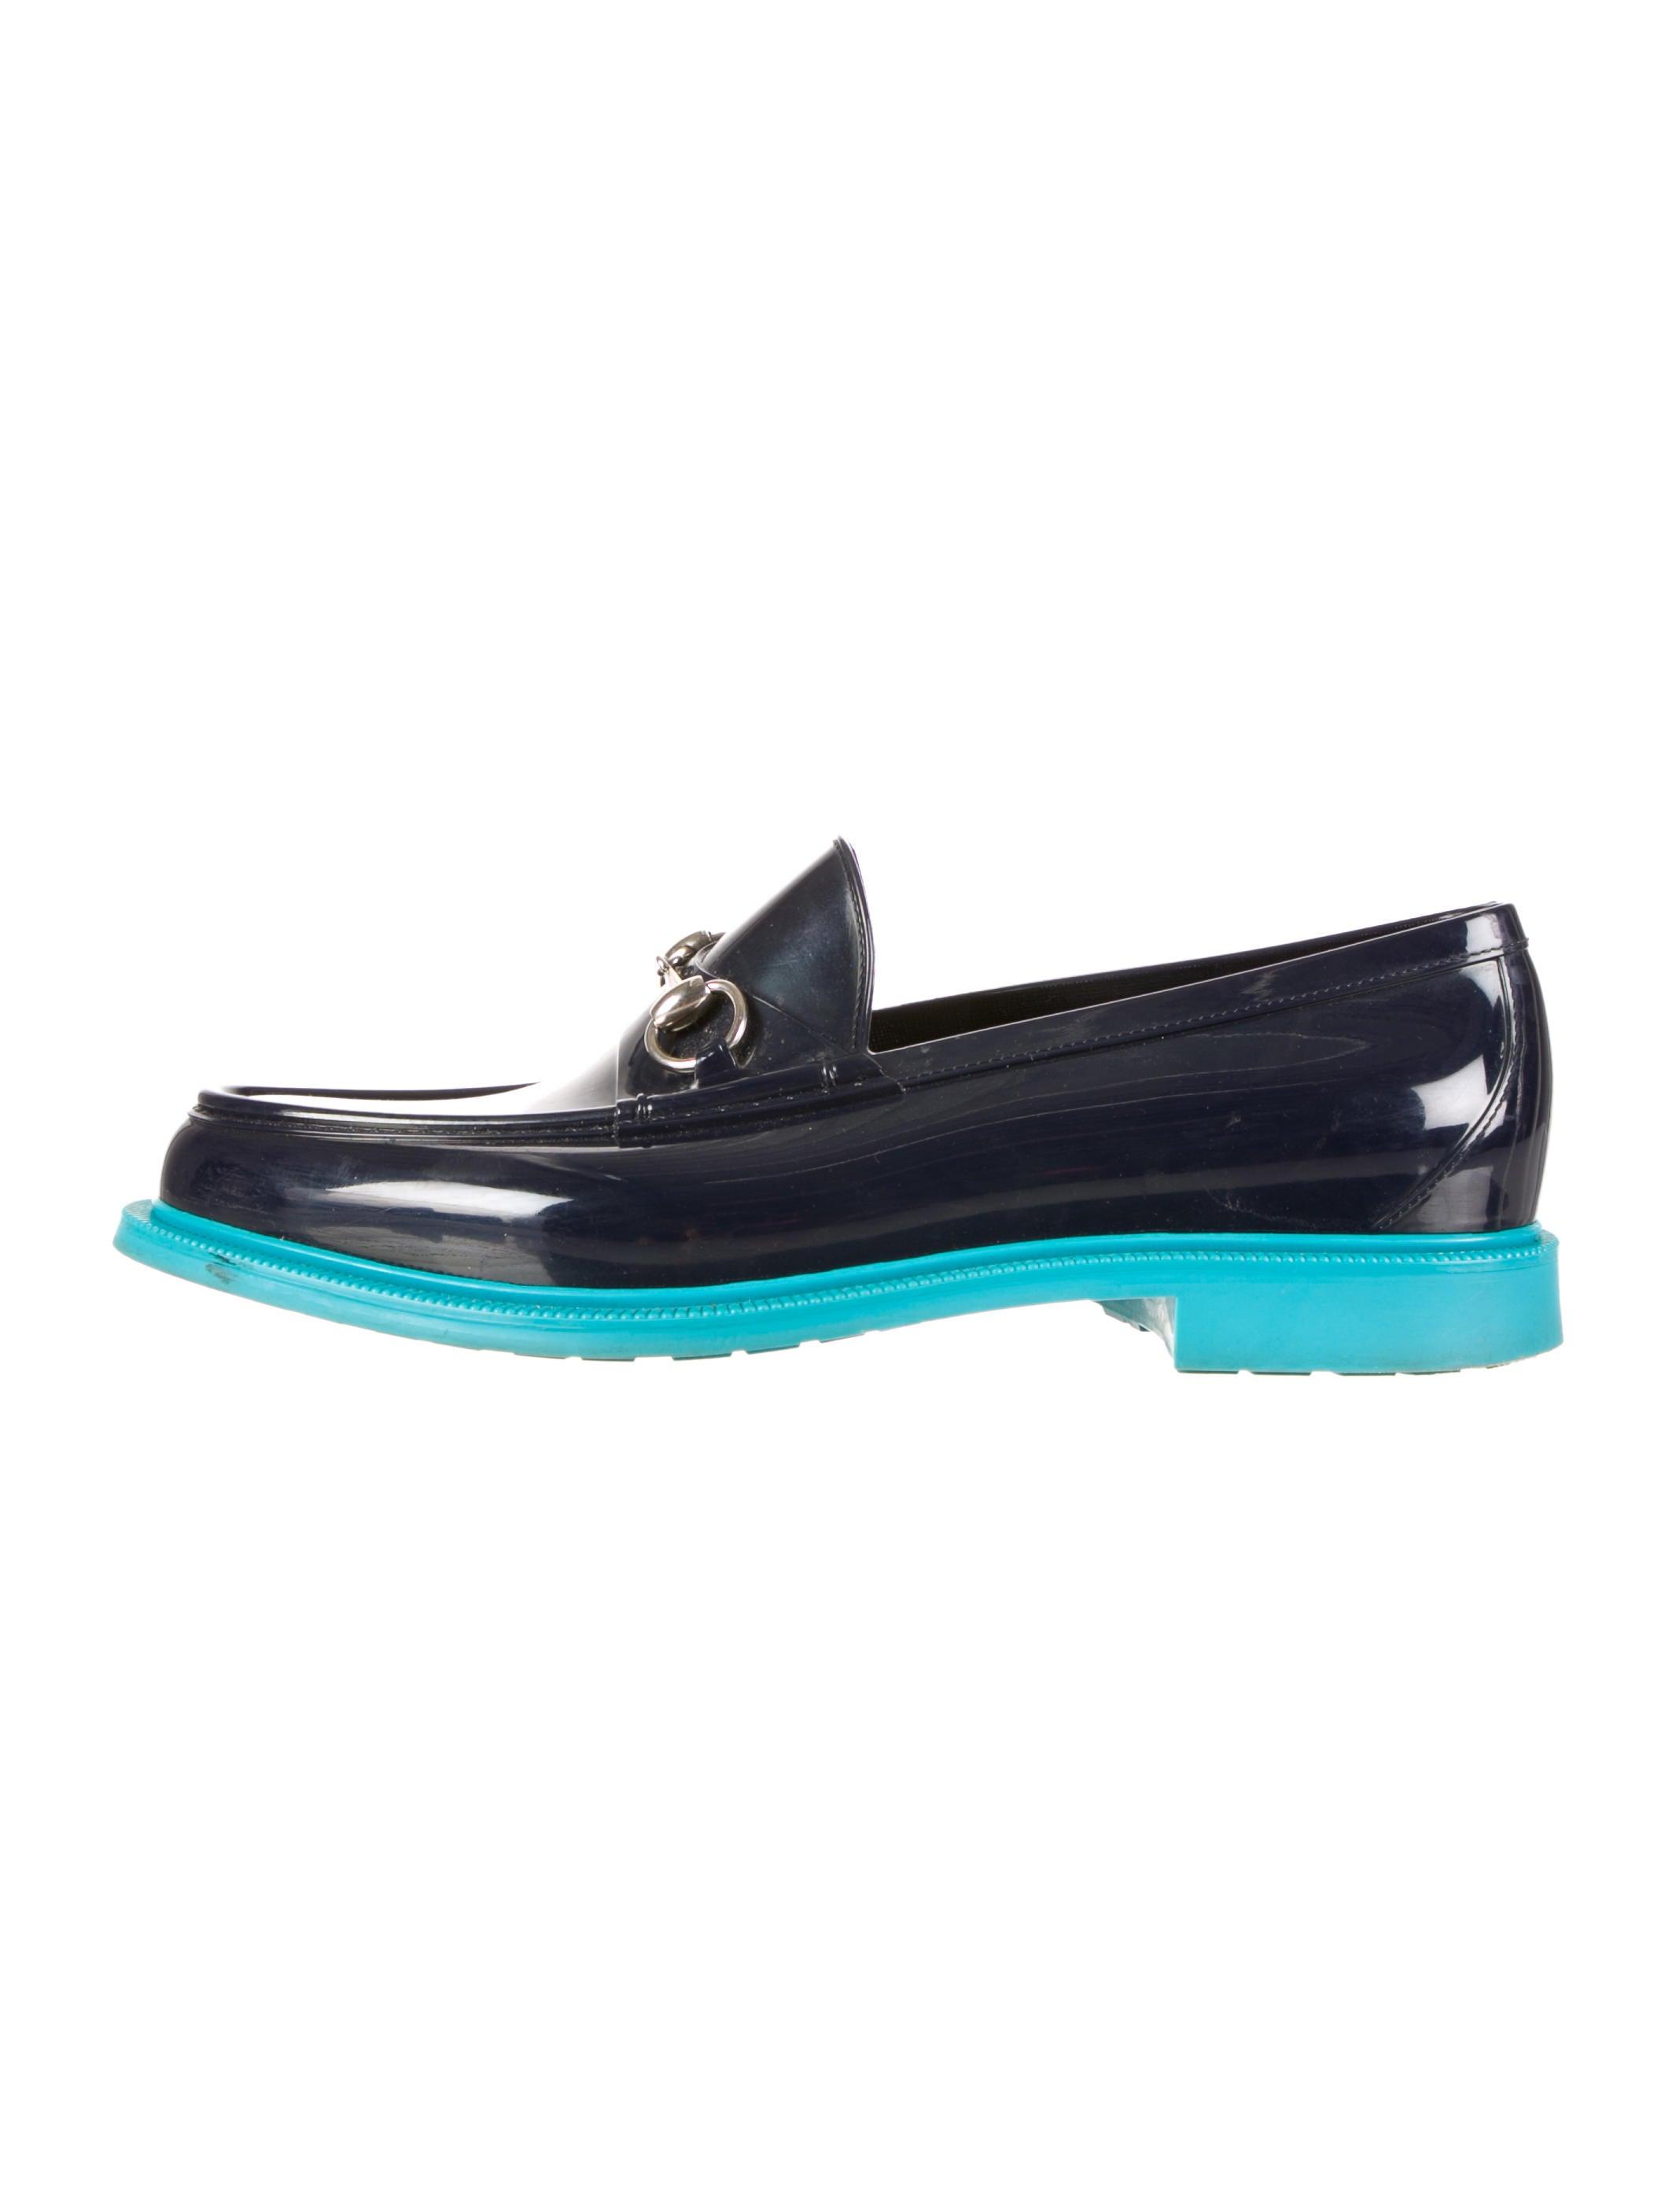 492bb06cd56 Gucci Horsebit Rain Loafers - Shoes - GUC52871